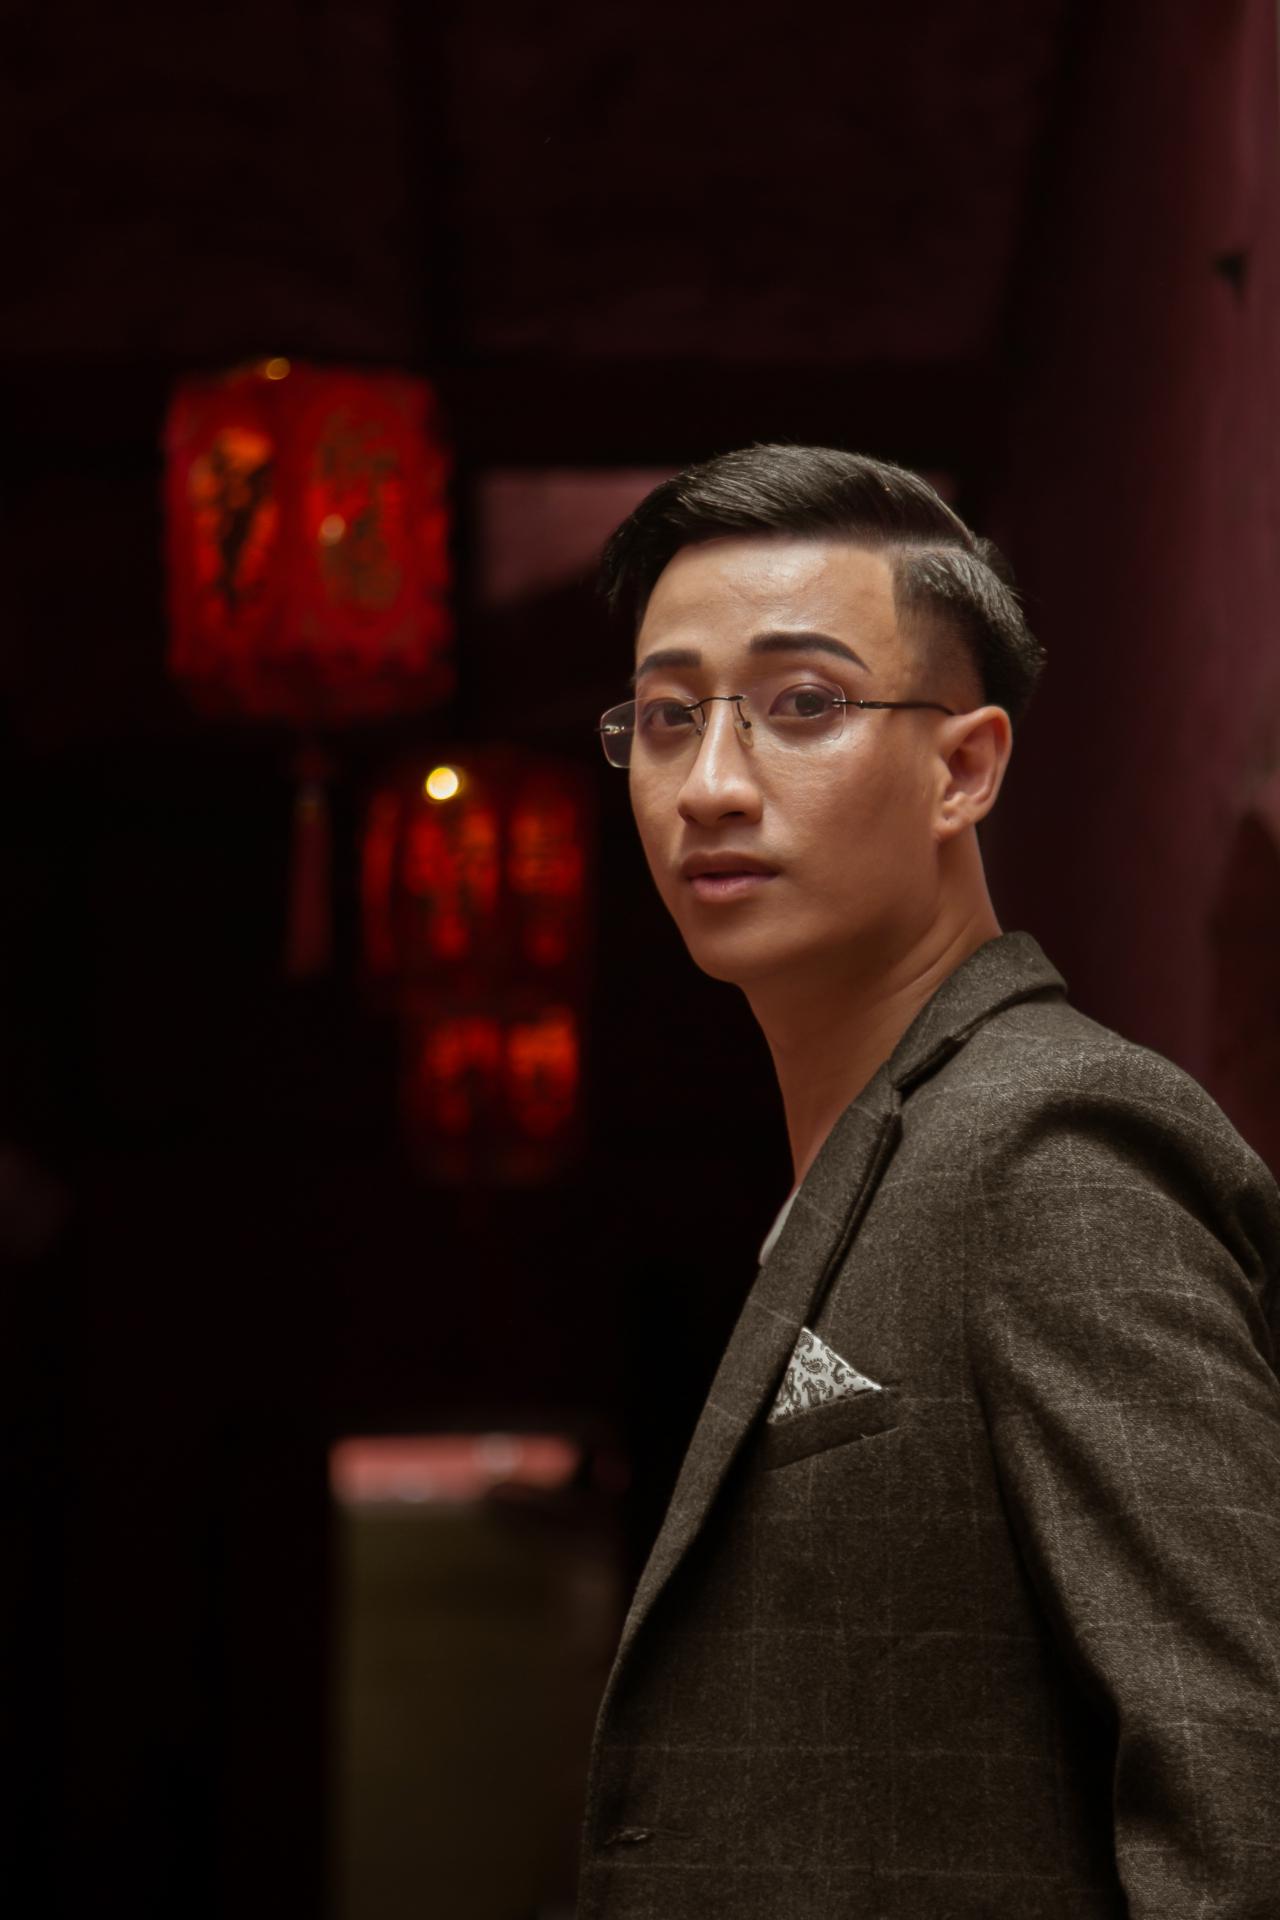 Như Ý truyện sắp kết thúc, Adam Lâm tung ca khúc tạm biệt bộ phim cổ trang hot nhất năm